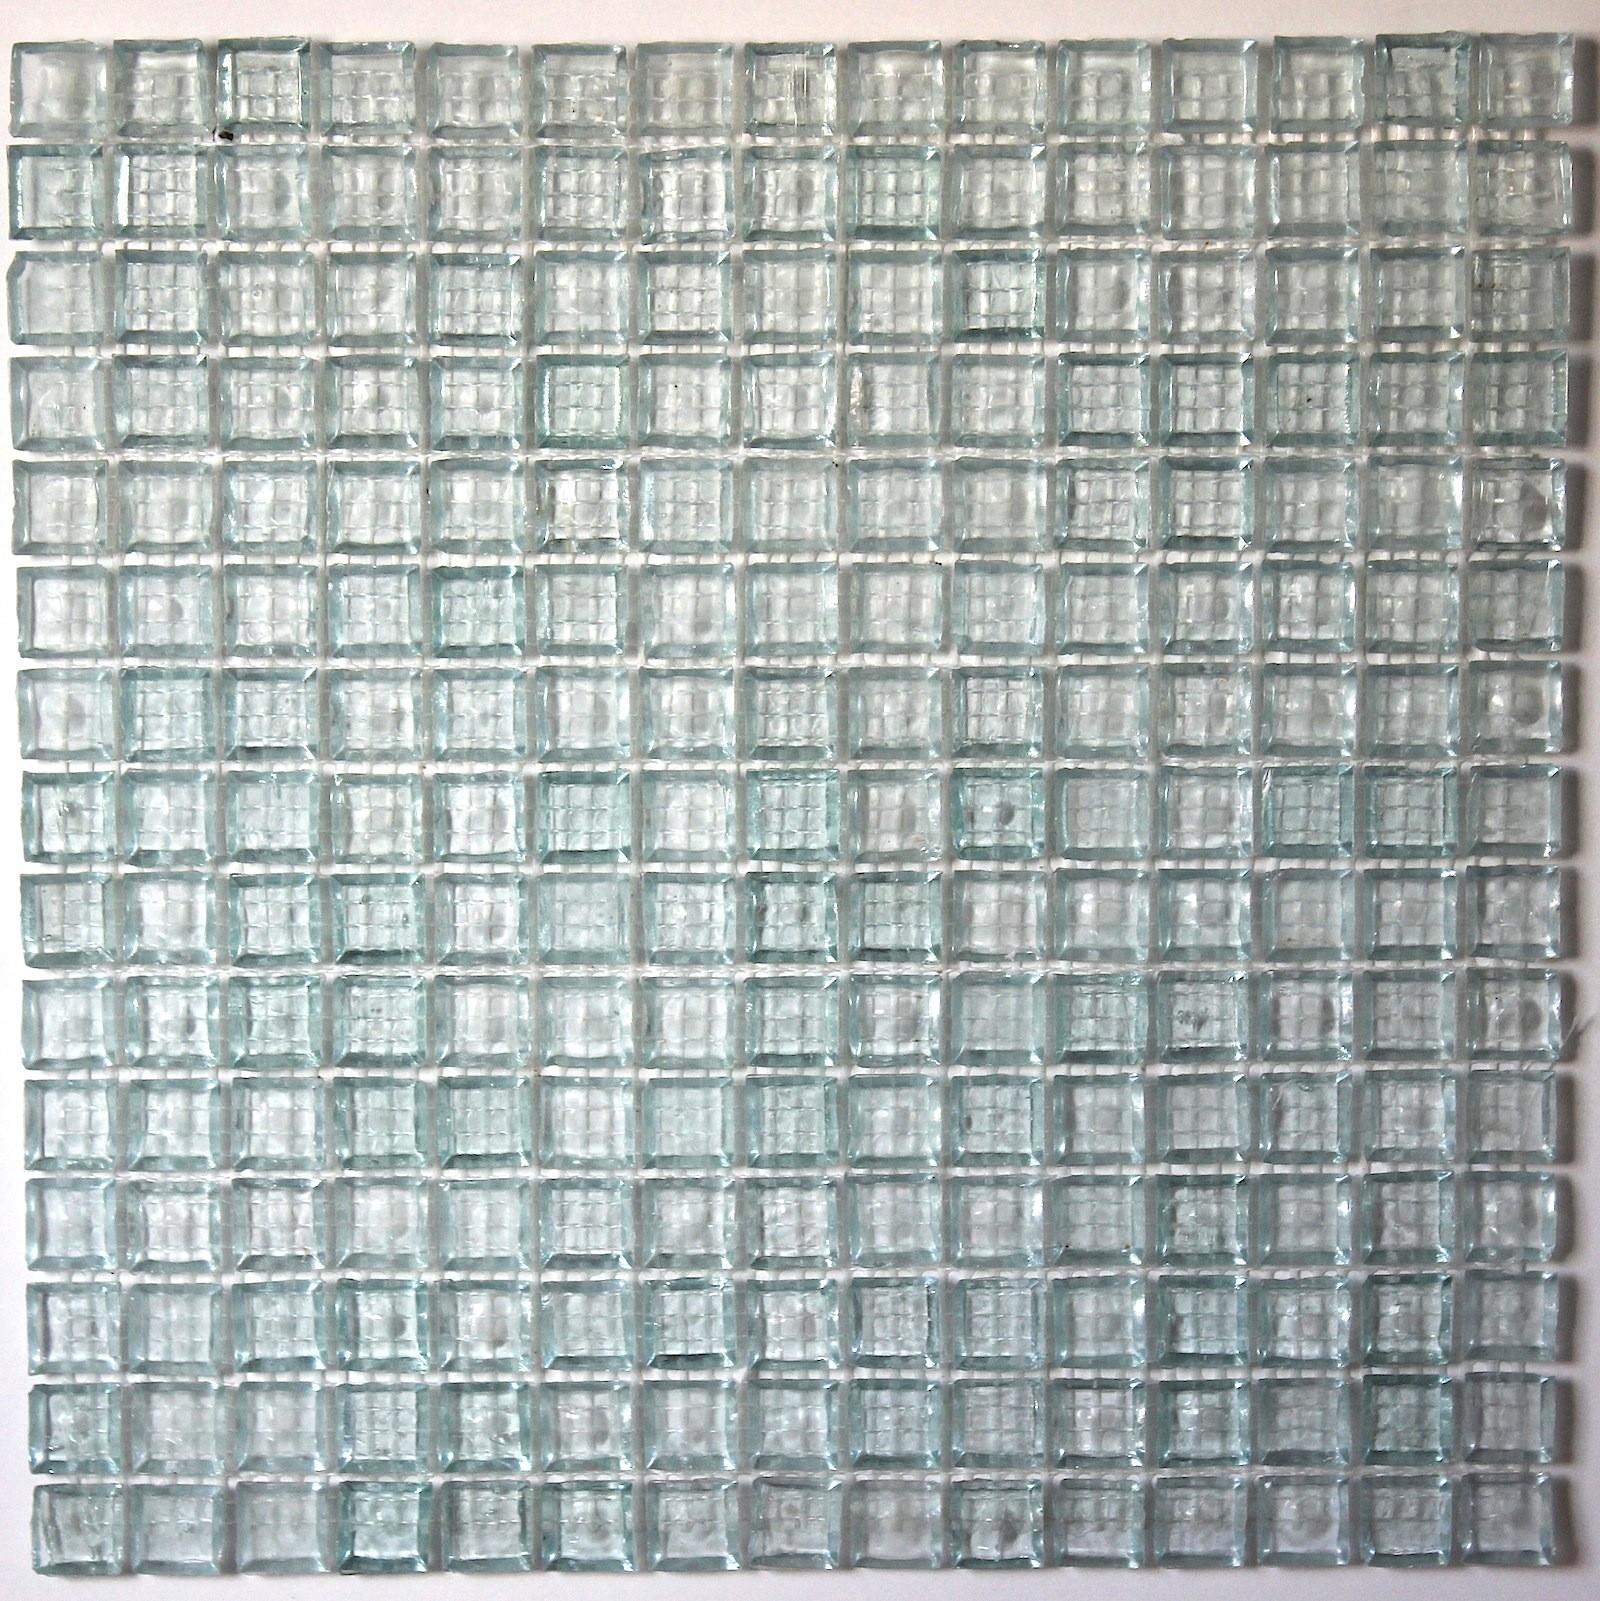 Mosaique pate de verre pas cher 28 images mosaique for Mosaique carrelage verre